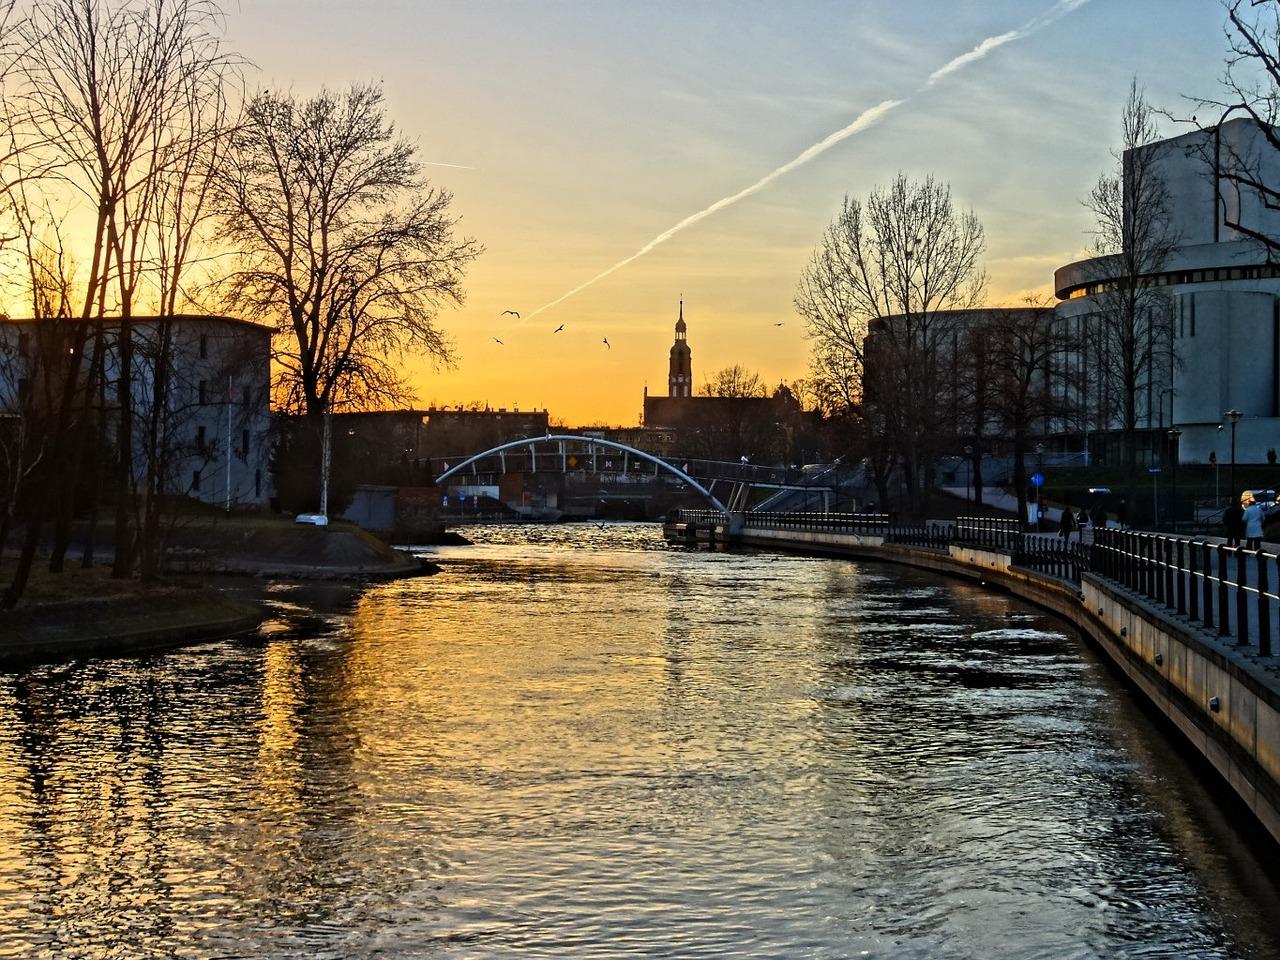 Tłumaczenia Bydgoszcz - tłumacz przysięgły Bydgoszcz